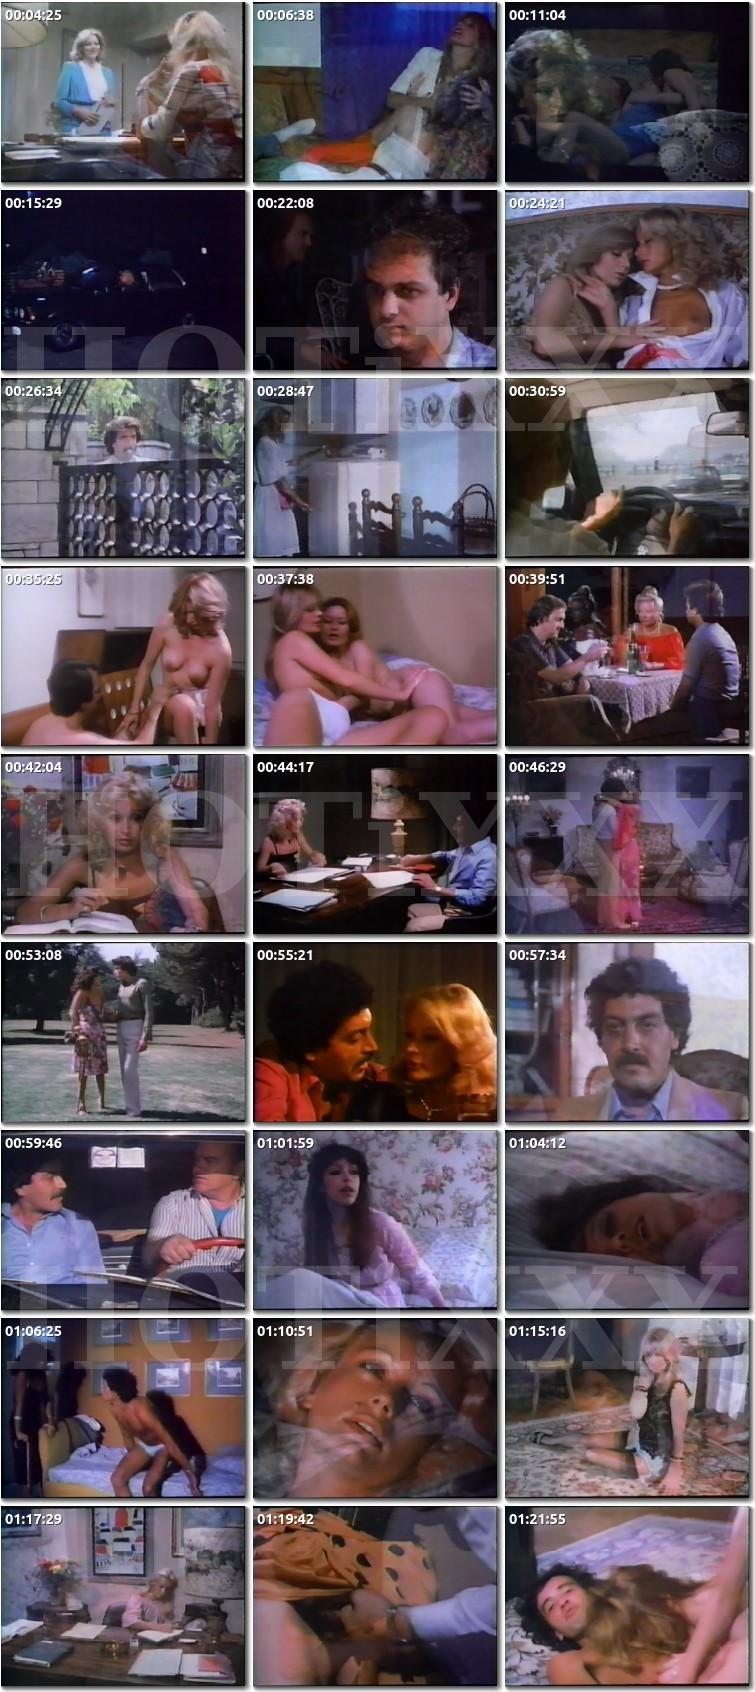 kinokomedii-s-erotikoy